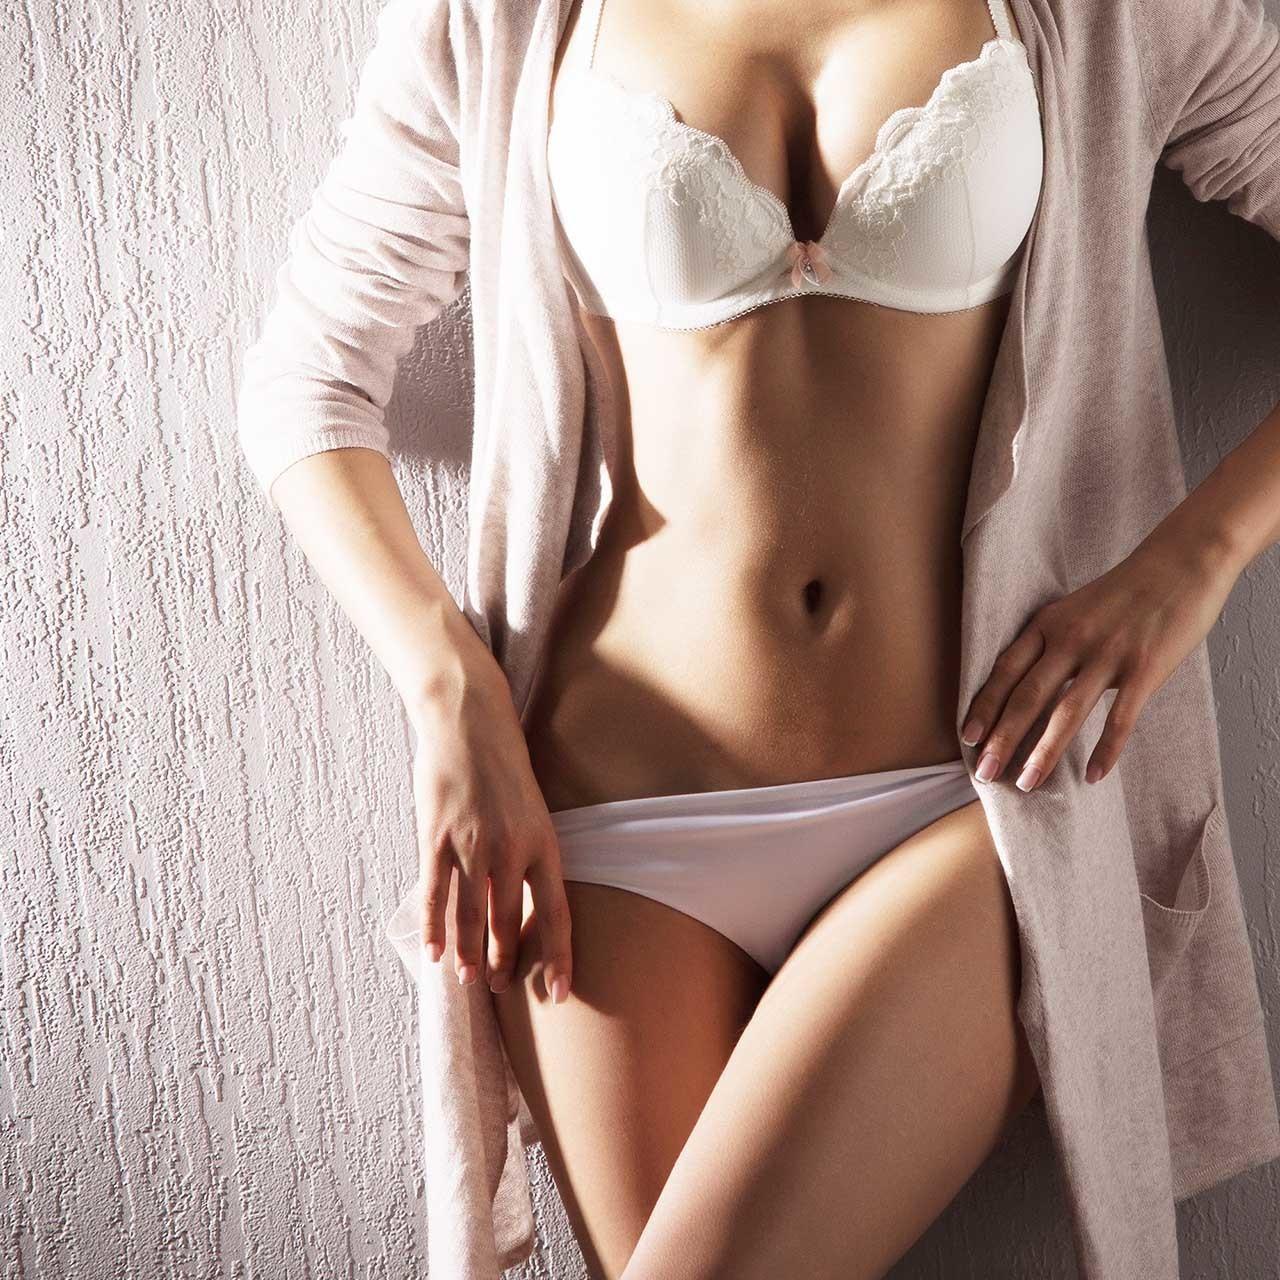 セクシーな下着姿の女性